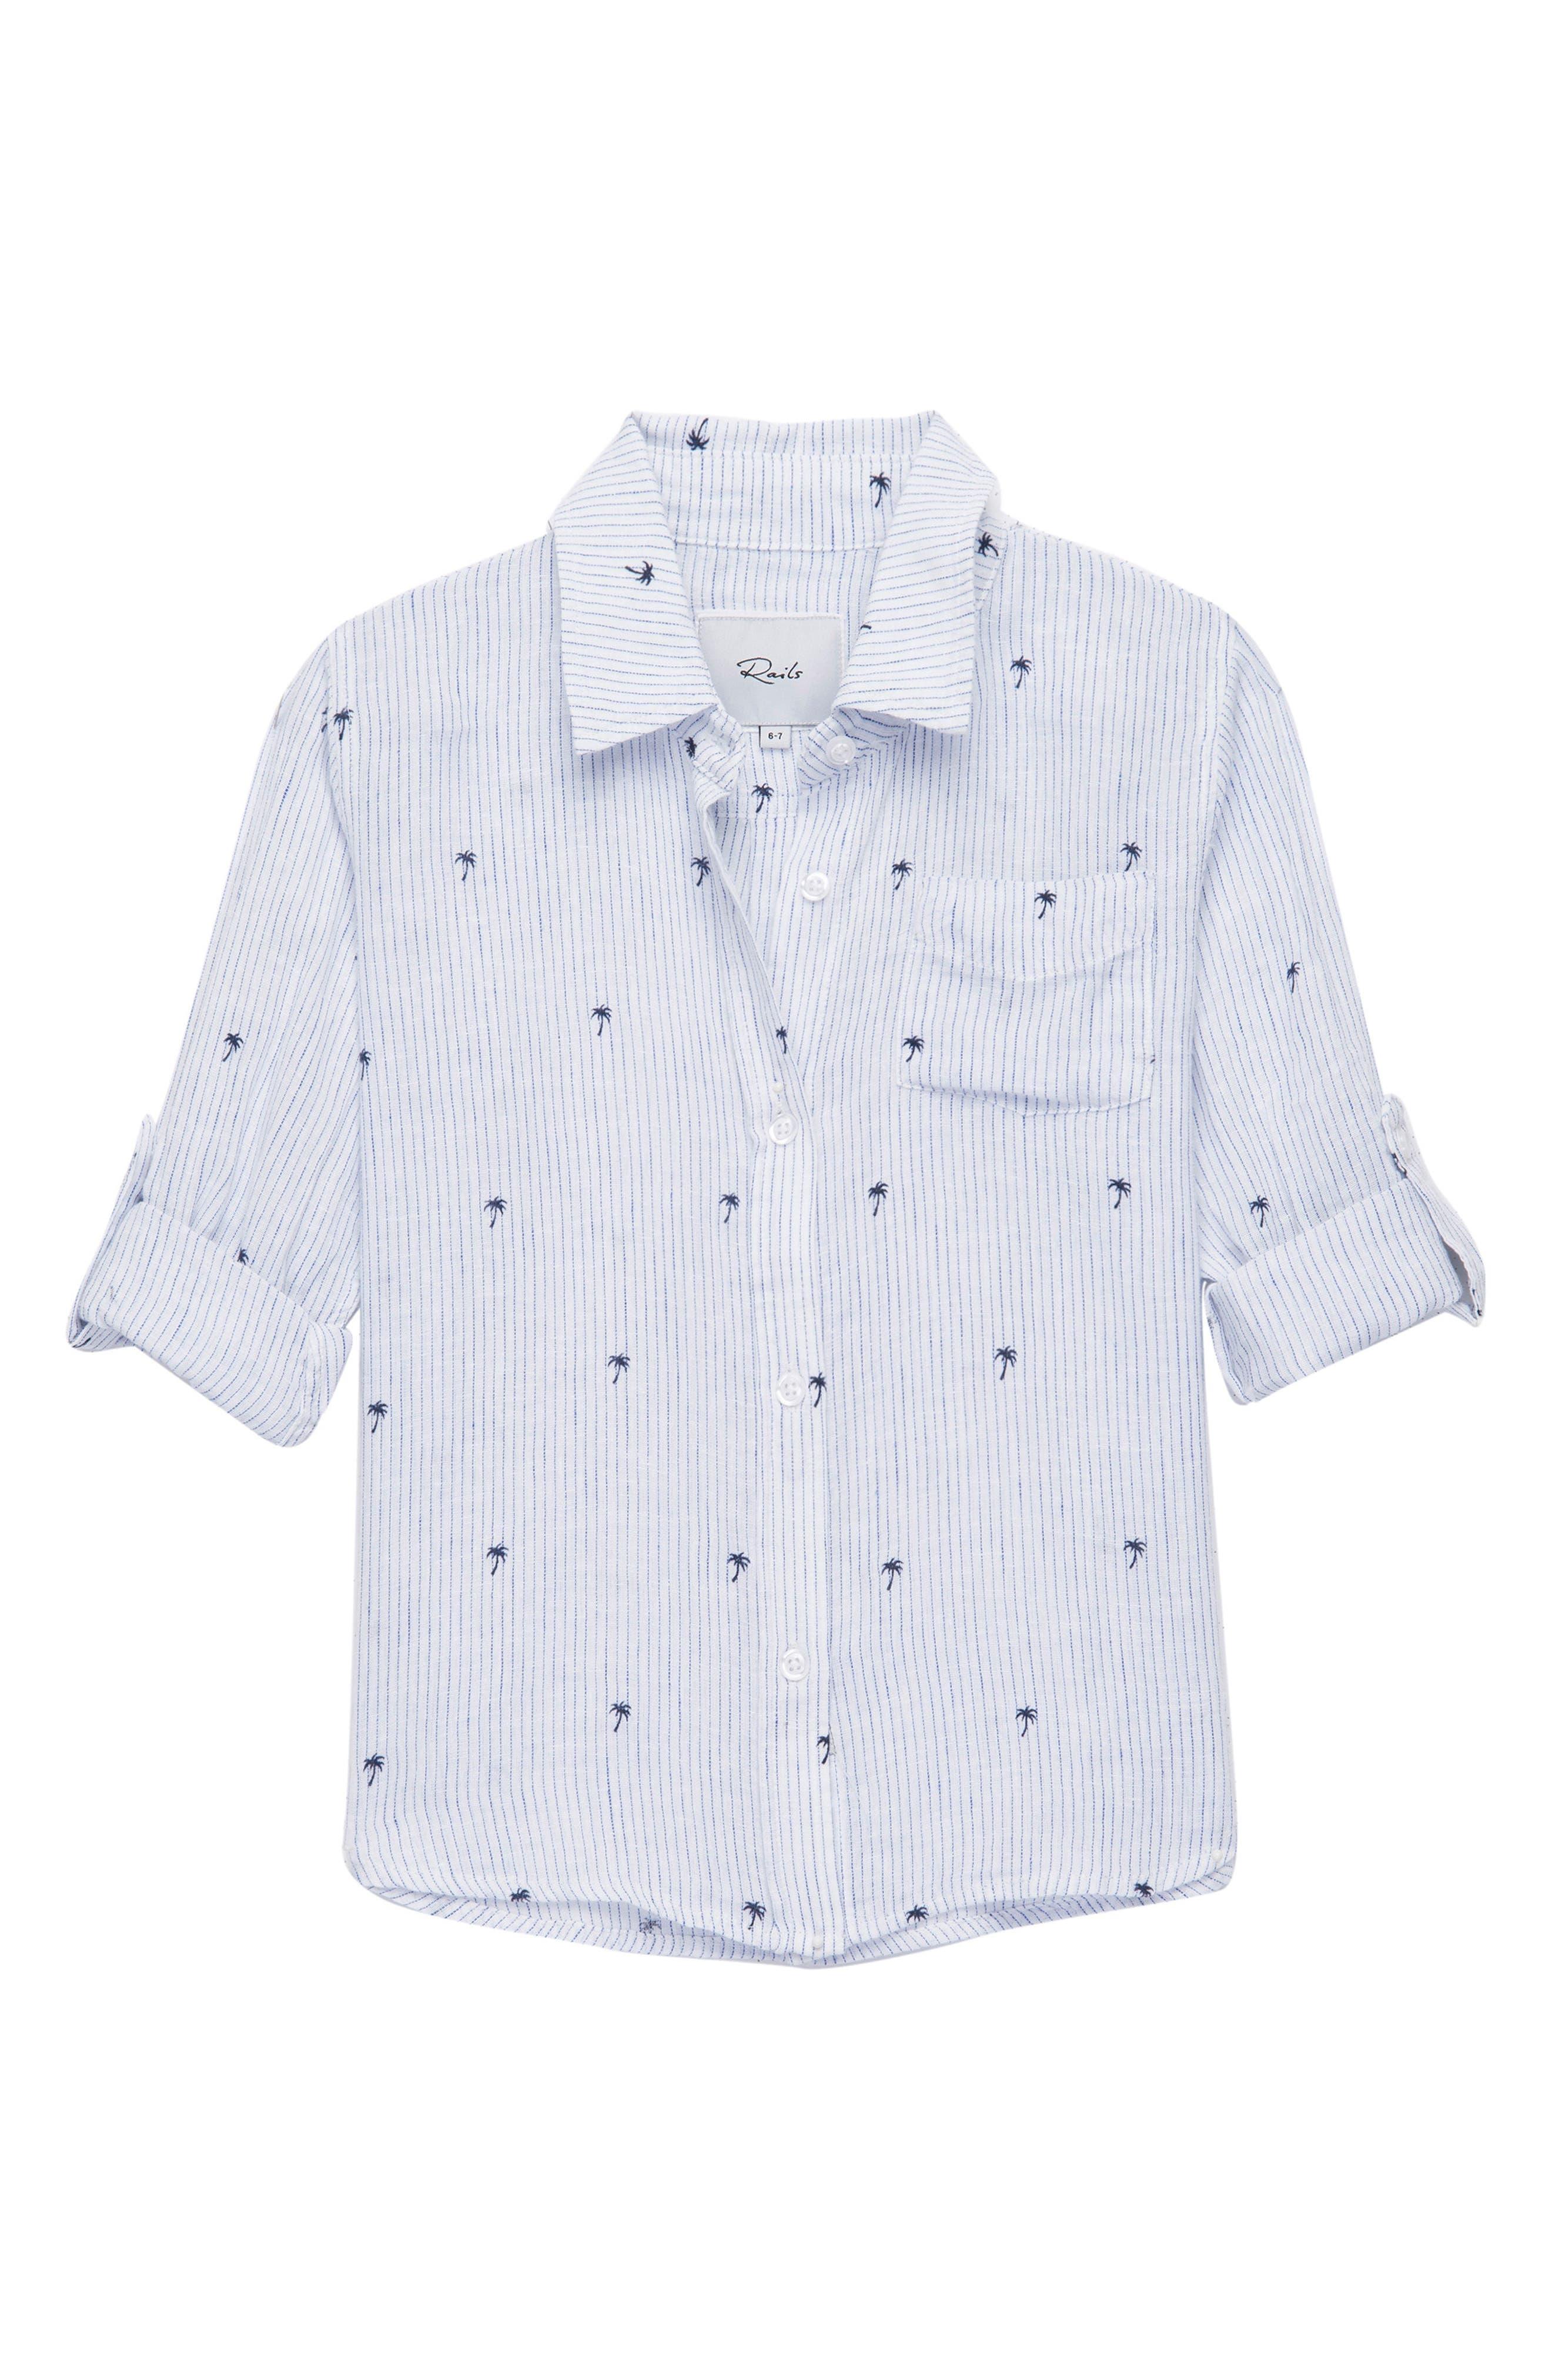 Cora Palm Woven Shirt,                             Main thumbnail 1, color,                             143